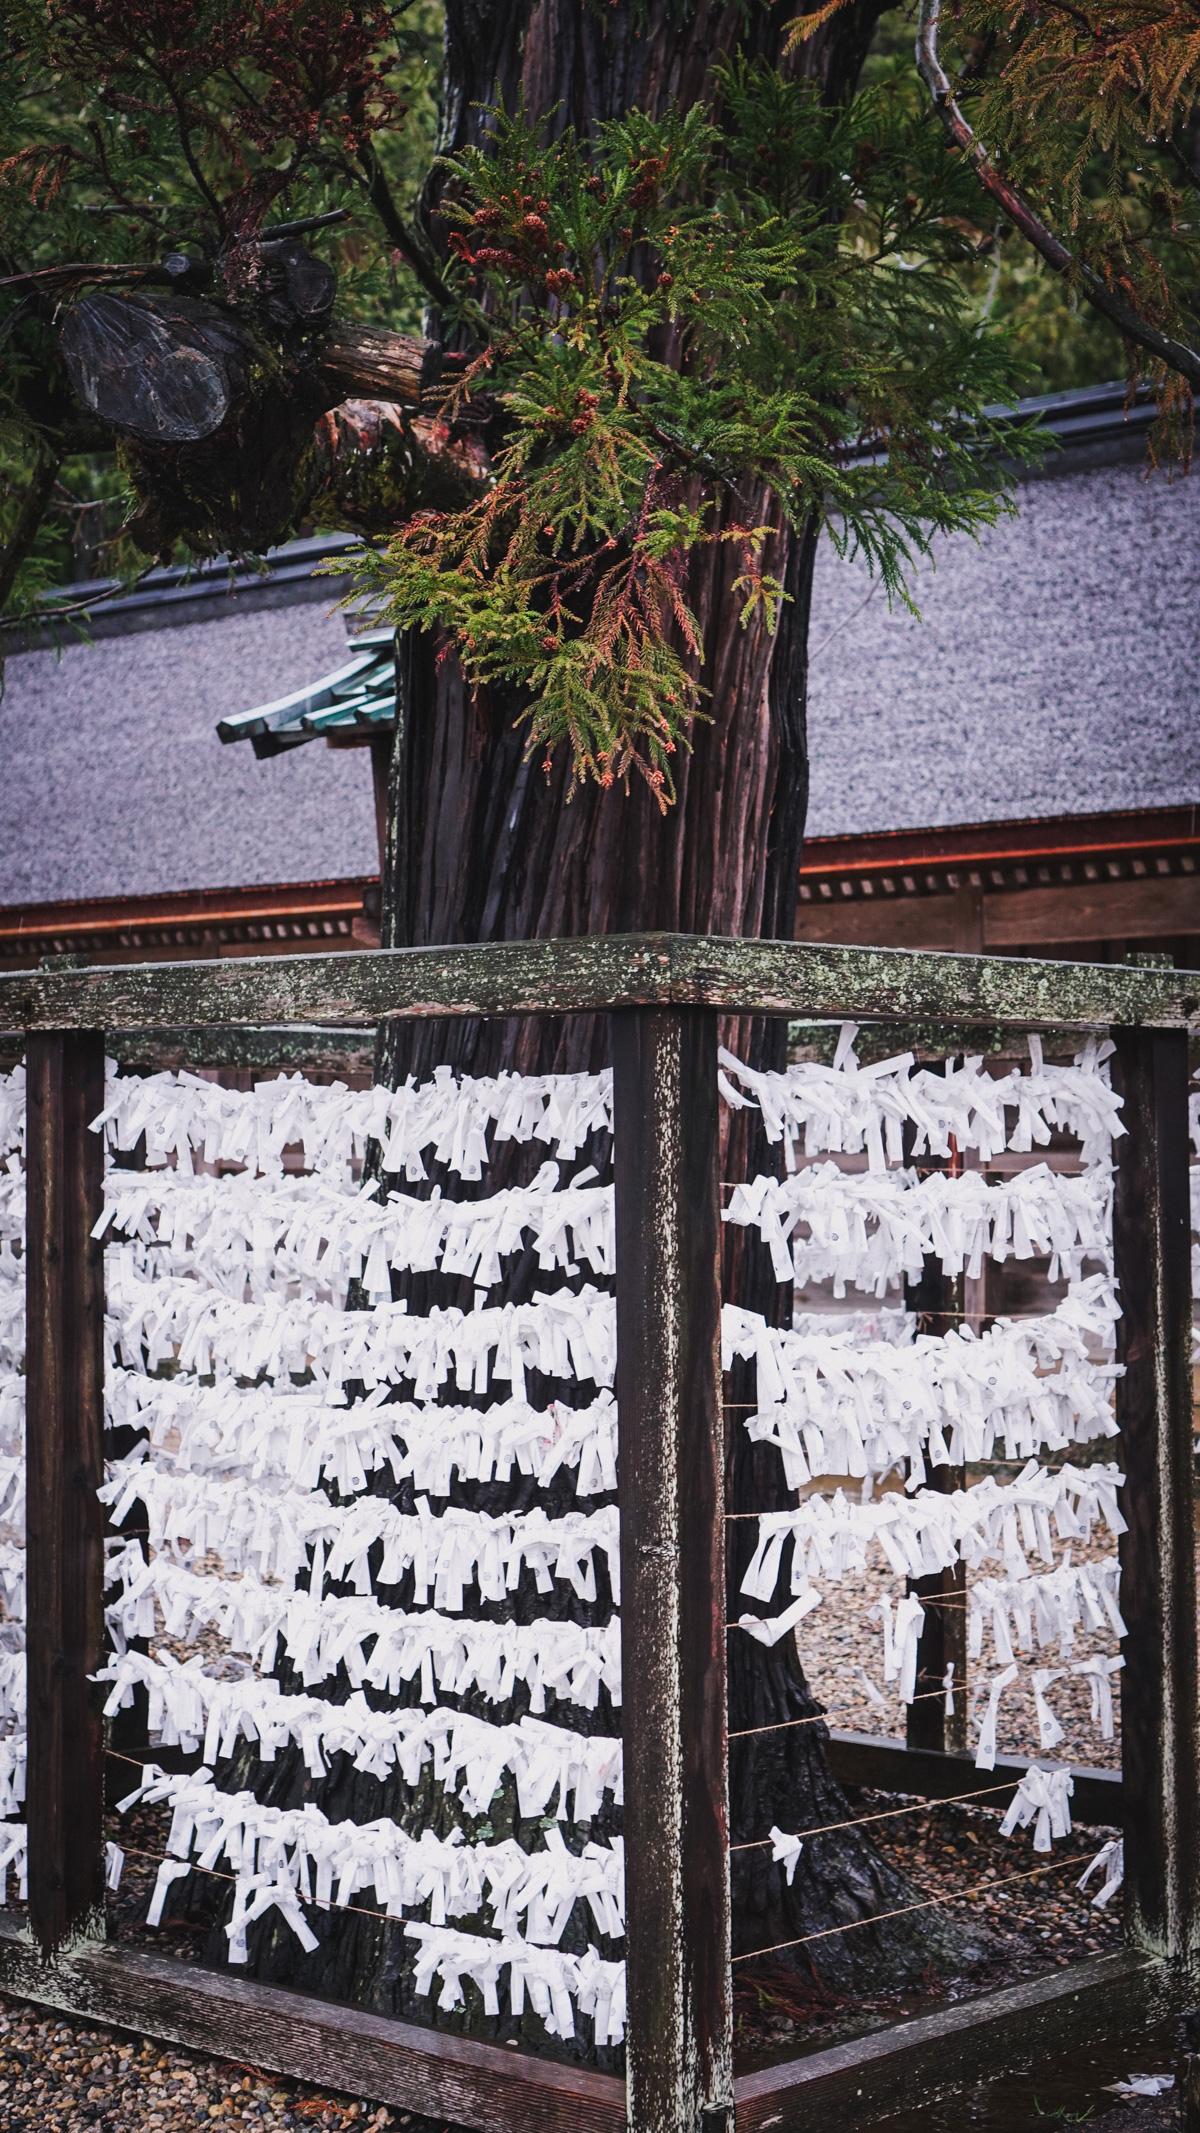 Da Okuninushi auch der Gott der Wünsche ist, schreiben Leute hier ihre Wünsche auf kleine Papiere